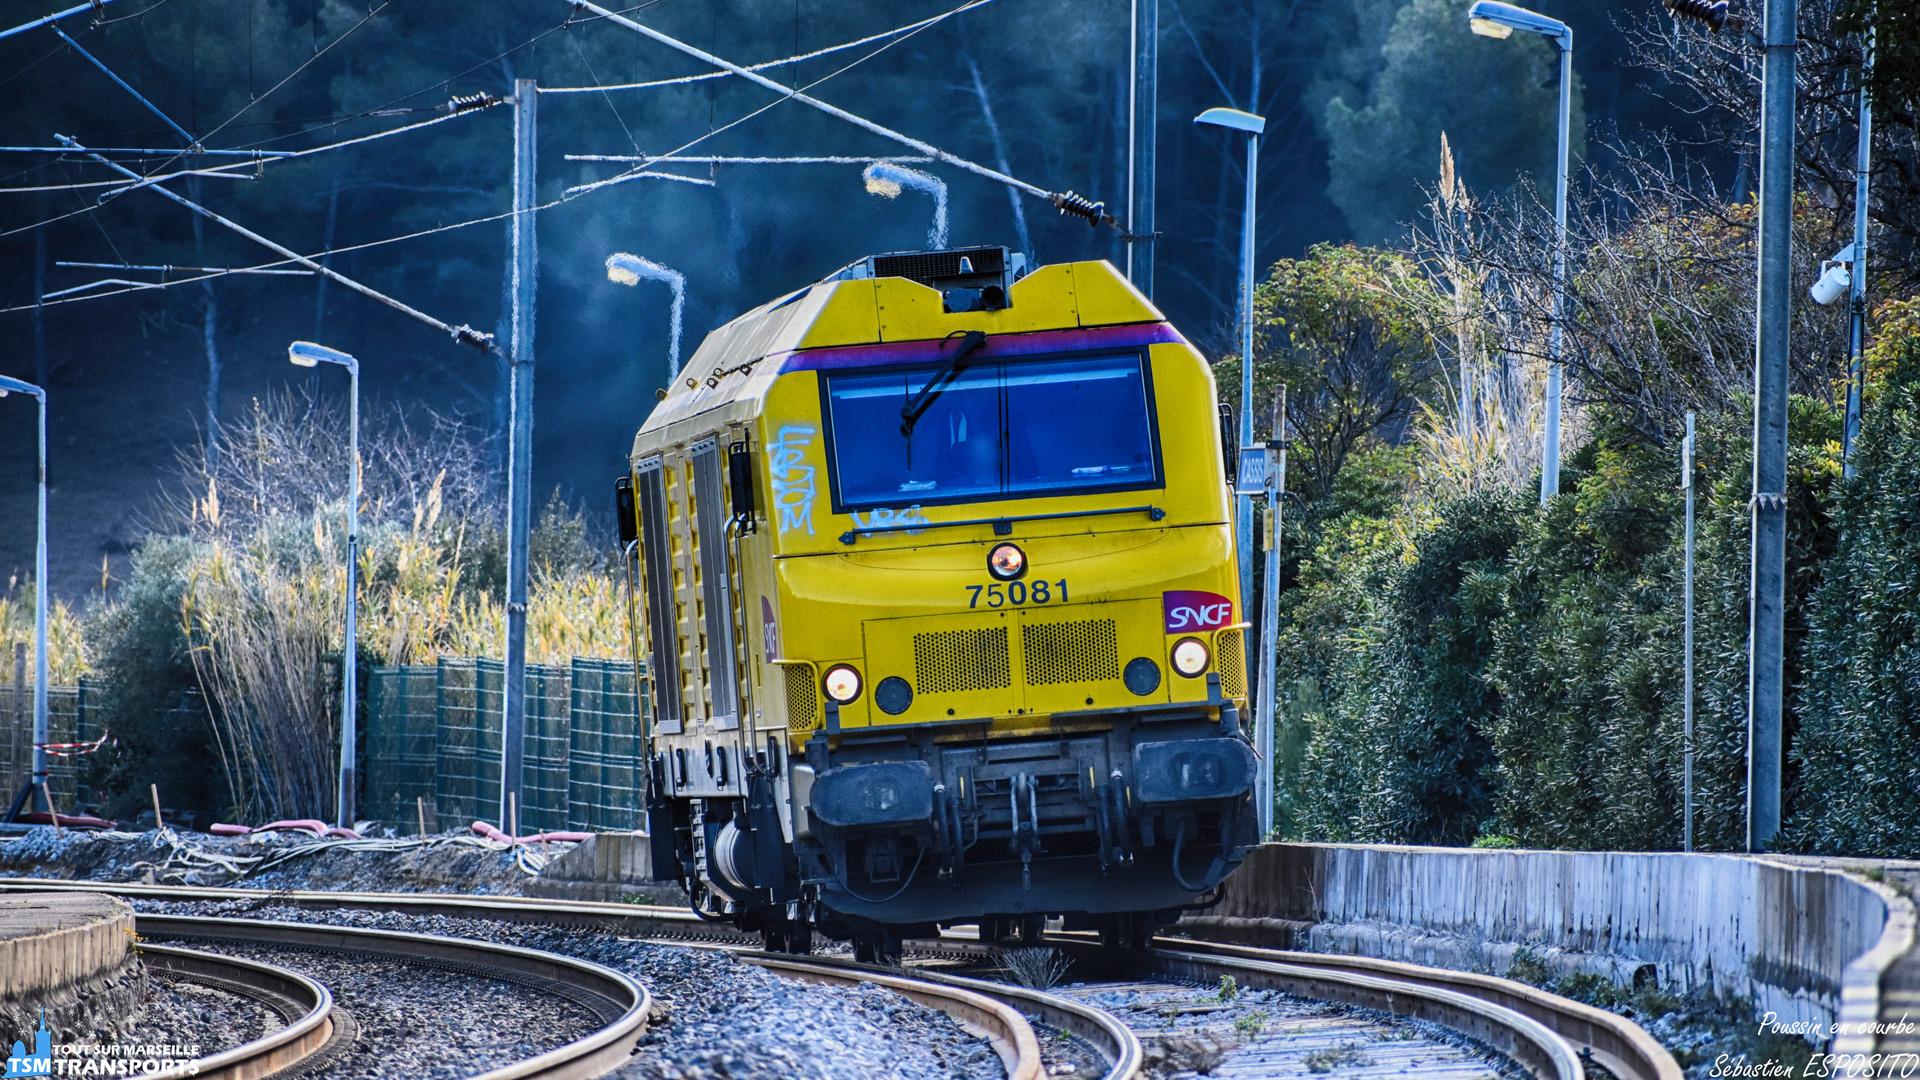 Inattendue en ce samedi matin, cette BB75000 dans sa robe jaune Infra traverse lentement la Gare de Cassis en direction de Marseille, où une restriction de vitesse est en vigueur exceptionnellement à cause du renouvellement des voies, elle reprendra de la vitesse après les aiguilles à la sortie de la gare. . ℹ️ Alstom / Siemens BB75000 (BB75081) SNCF Infra. . 📍 Gare de Cassis, Avenue de la Gare, 13260 Cassis. . 📸 Nikon D5600. . 📷 Nikkor 70-300mm. . 📅 19 Janvier 2019 à 11:00. . 👨 Sébastien ESPOSITO.